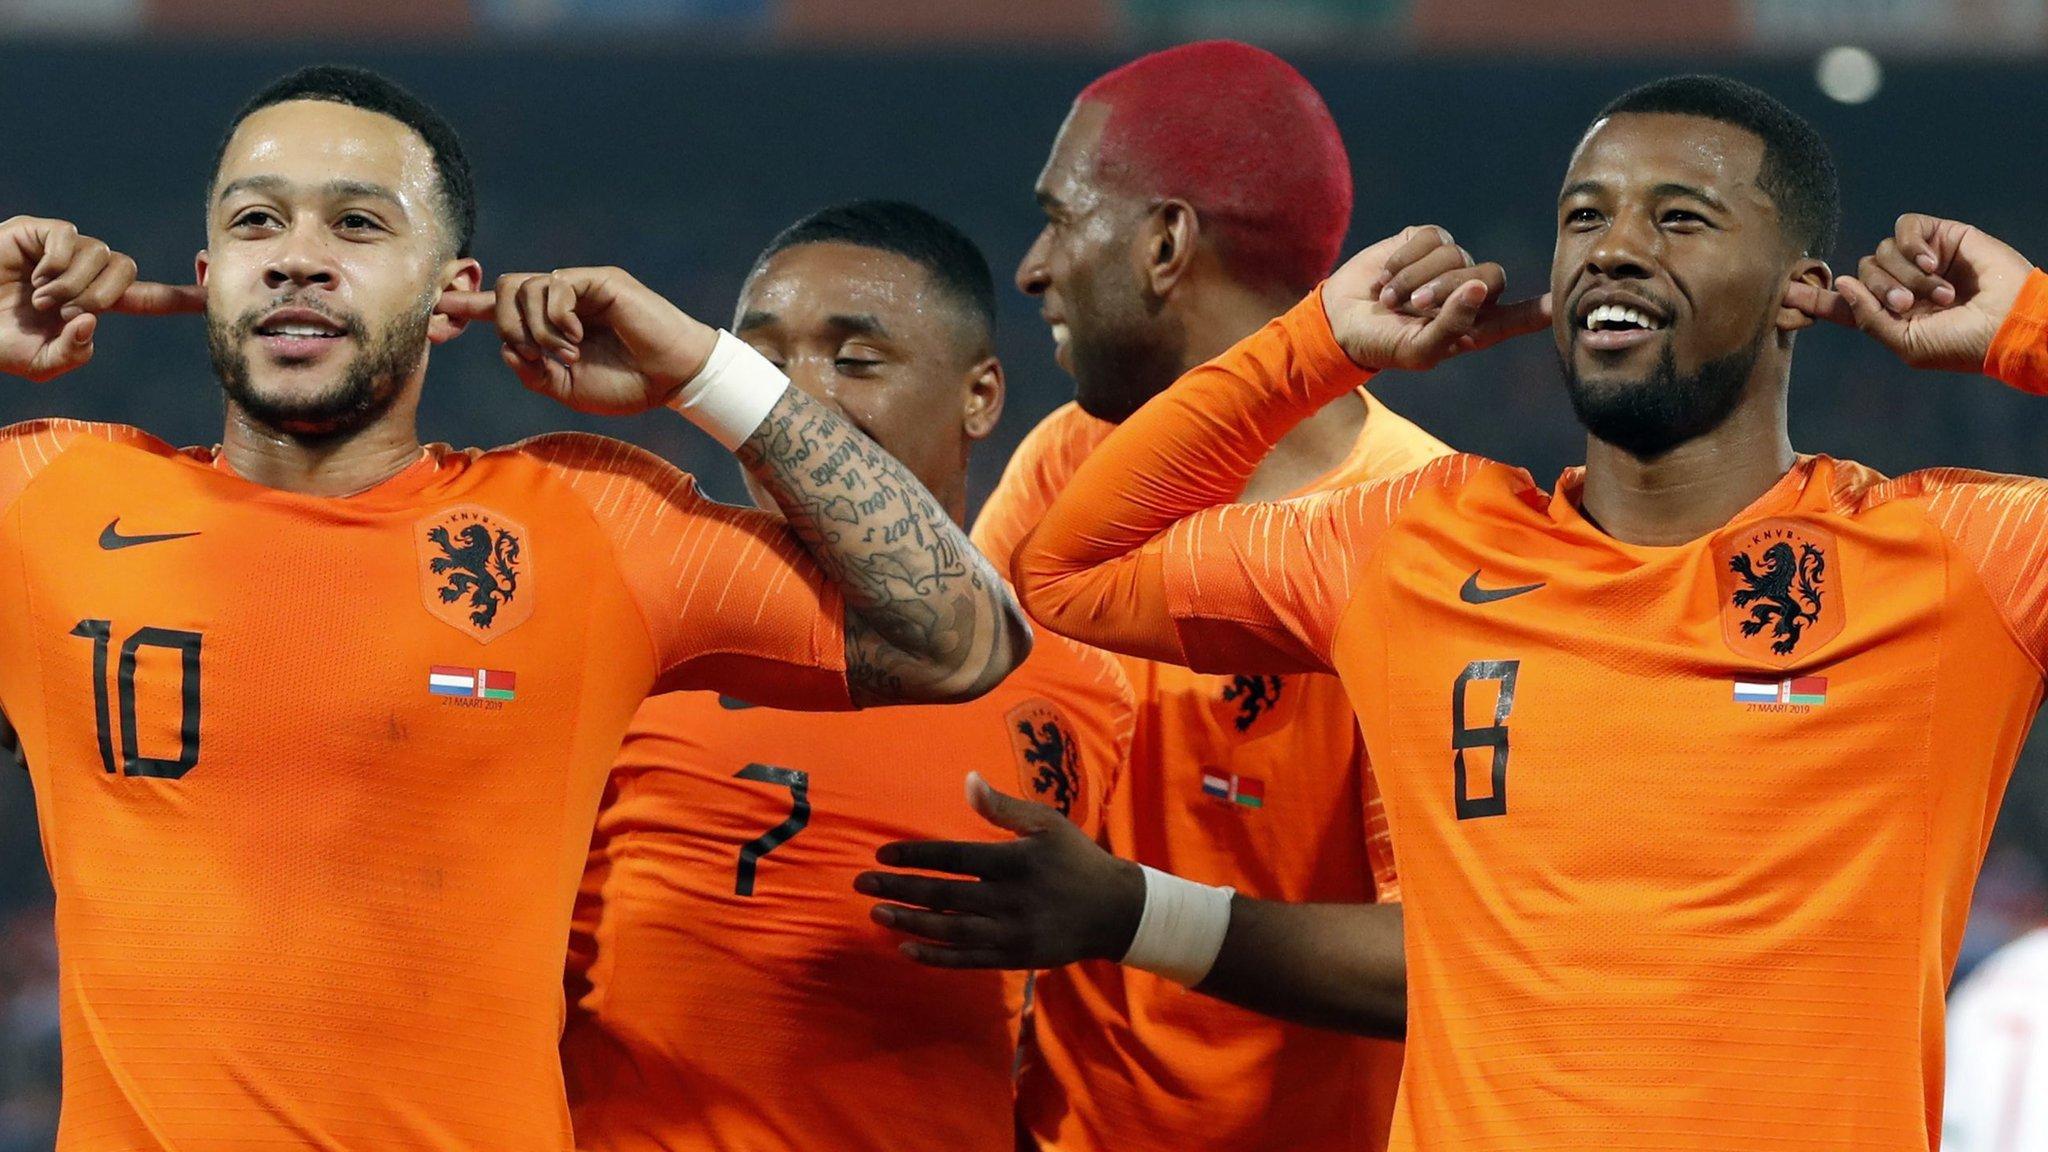 Netherlands 4-0 Belarus: Depay, Wijnaldum & Van Dijk score in big Dutch win